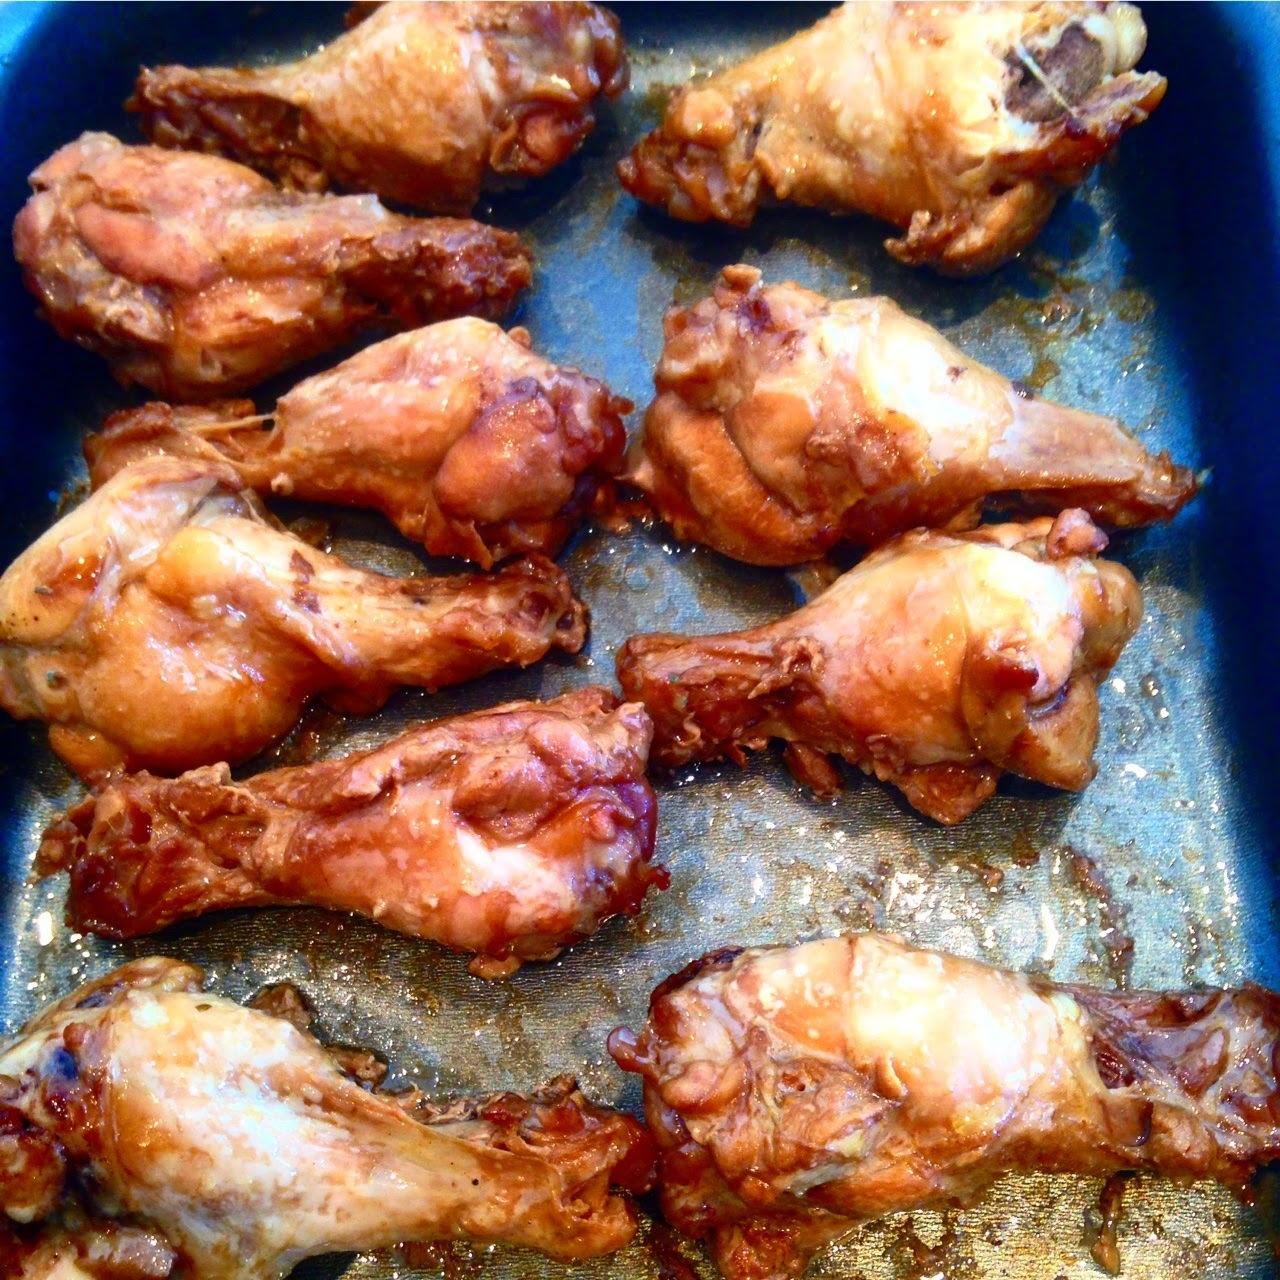 Coxinhas marinadas para churrasco ou assar no forno